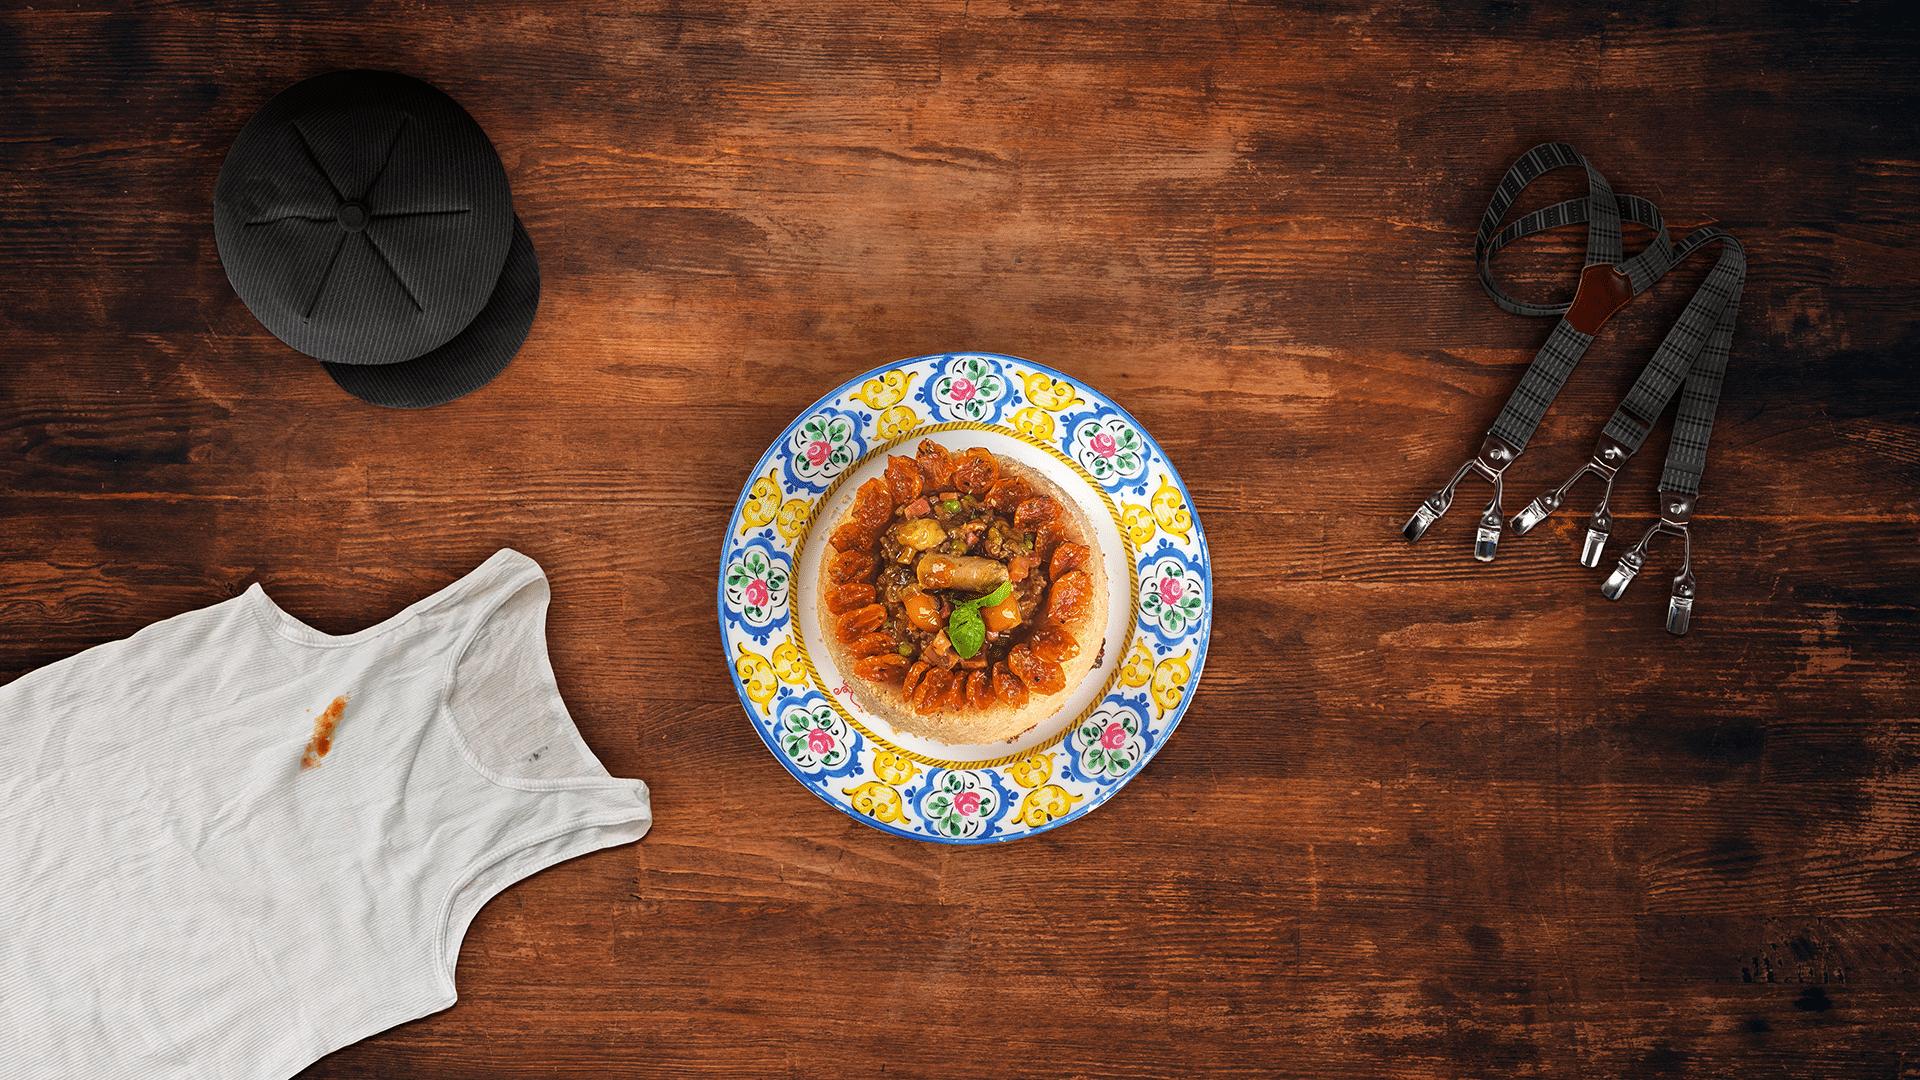 Il secondo tragico Fantozzi: Sartù di Riso in Giallo con lo chef Antonio Sorrentino